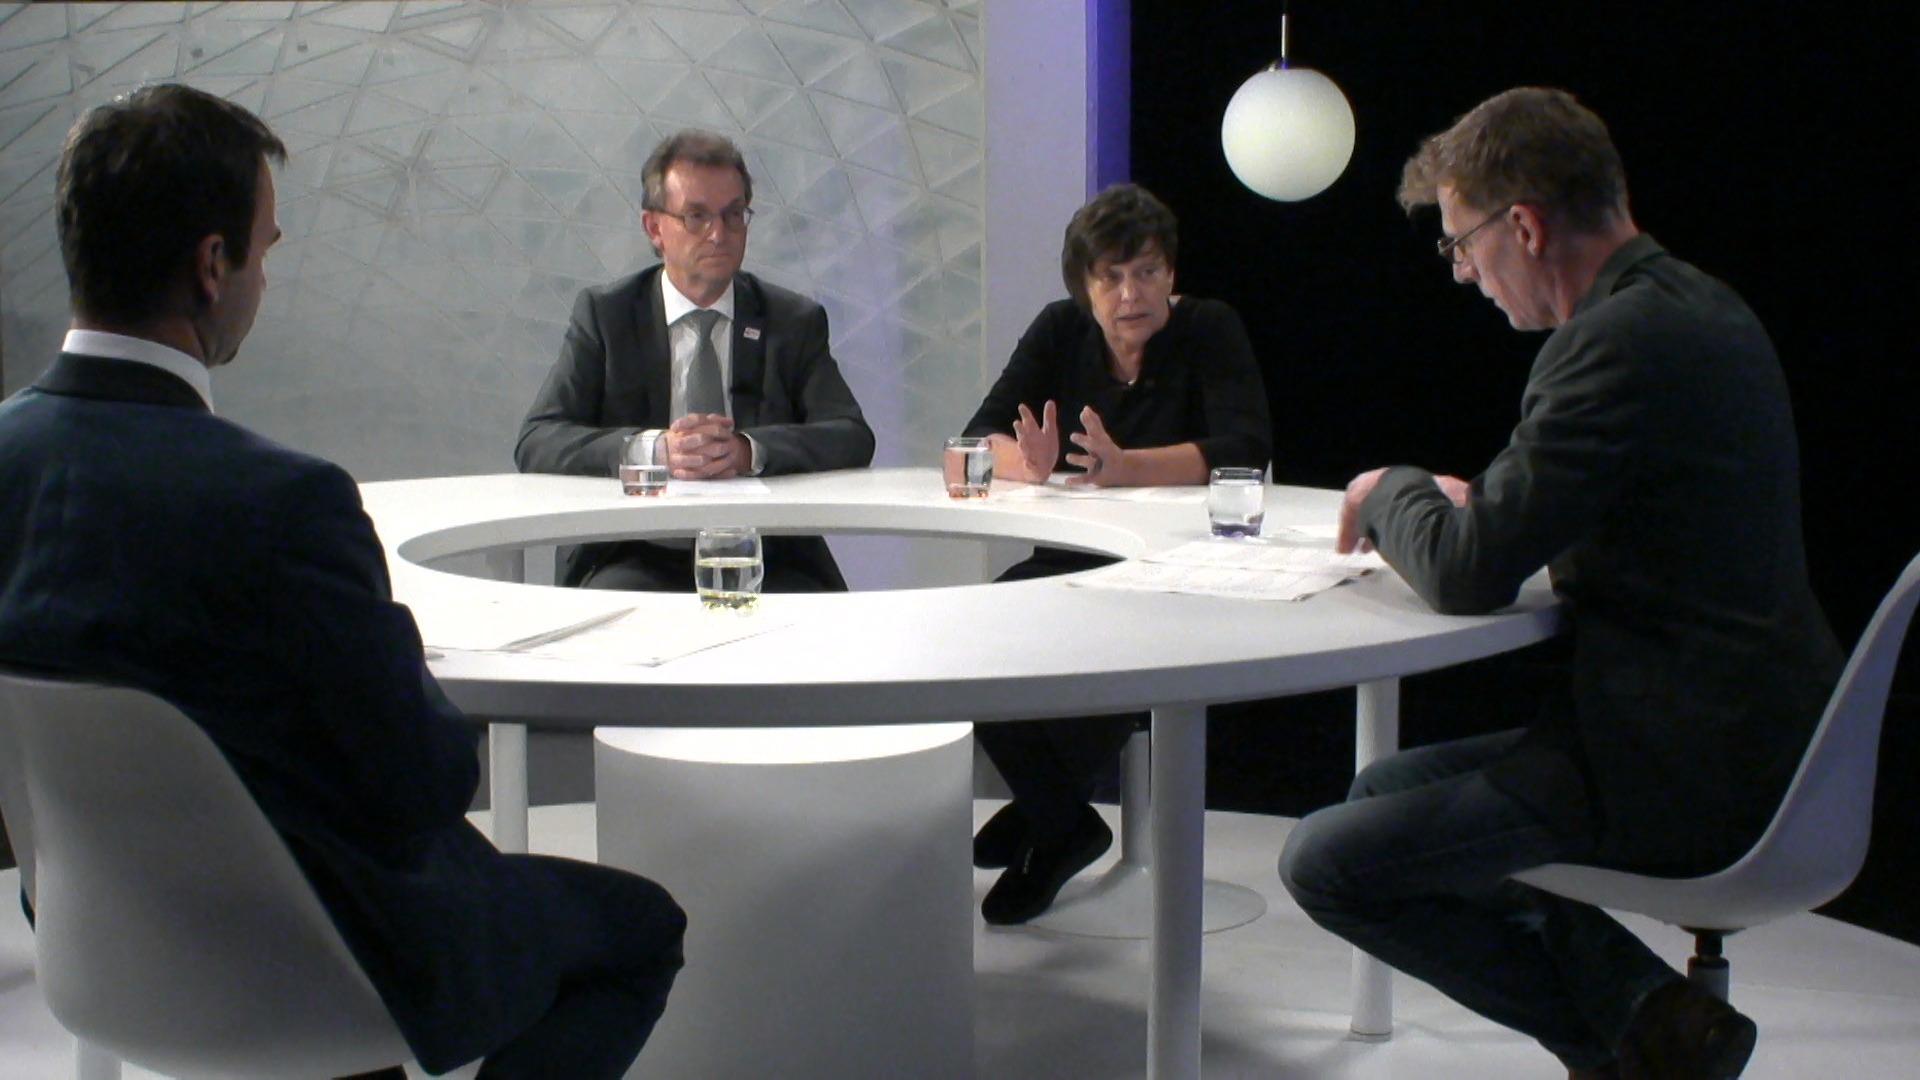 Het debat: 'Mens en Samenleving' – met Kathleen Helsen (CD&V), Koen Daniëls (N-VA) en Lieven Boeve